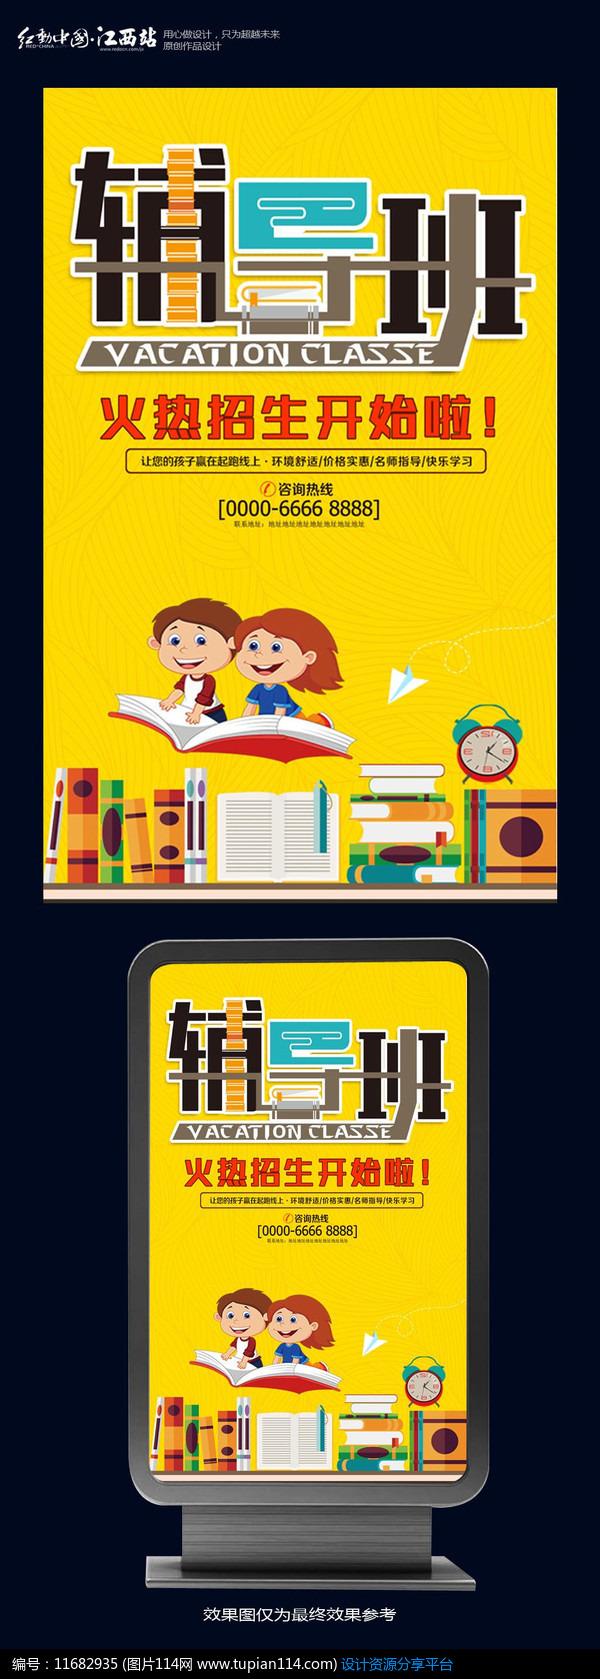 [原创] 辅导班宣传海报设计